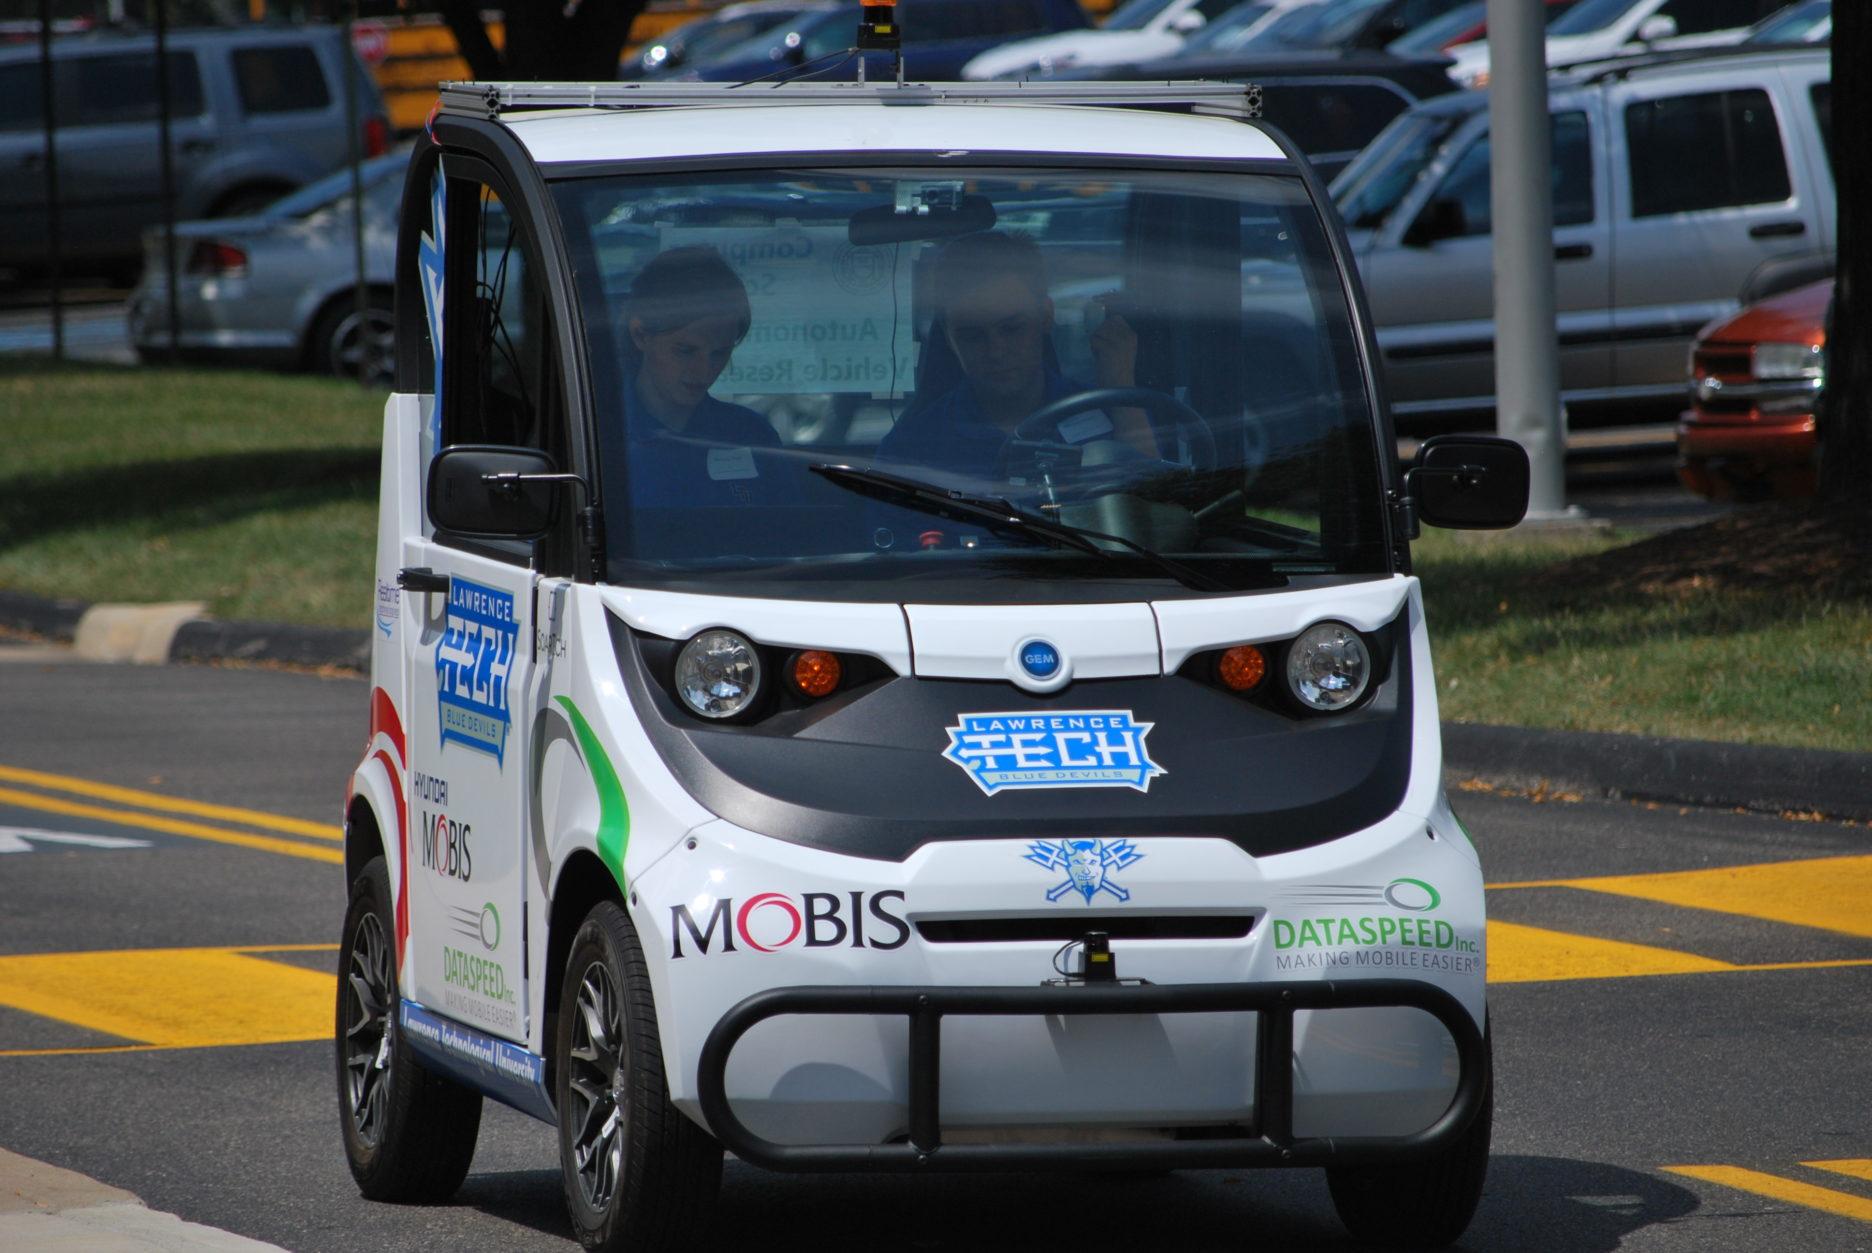 LTU Dataspeed Taxi